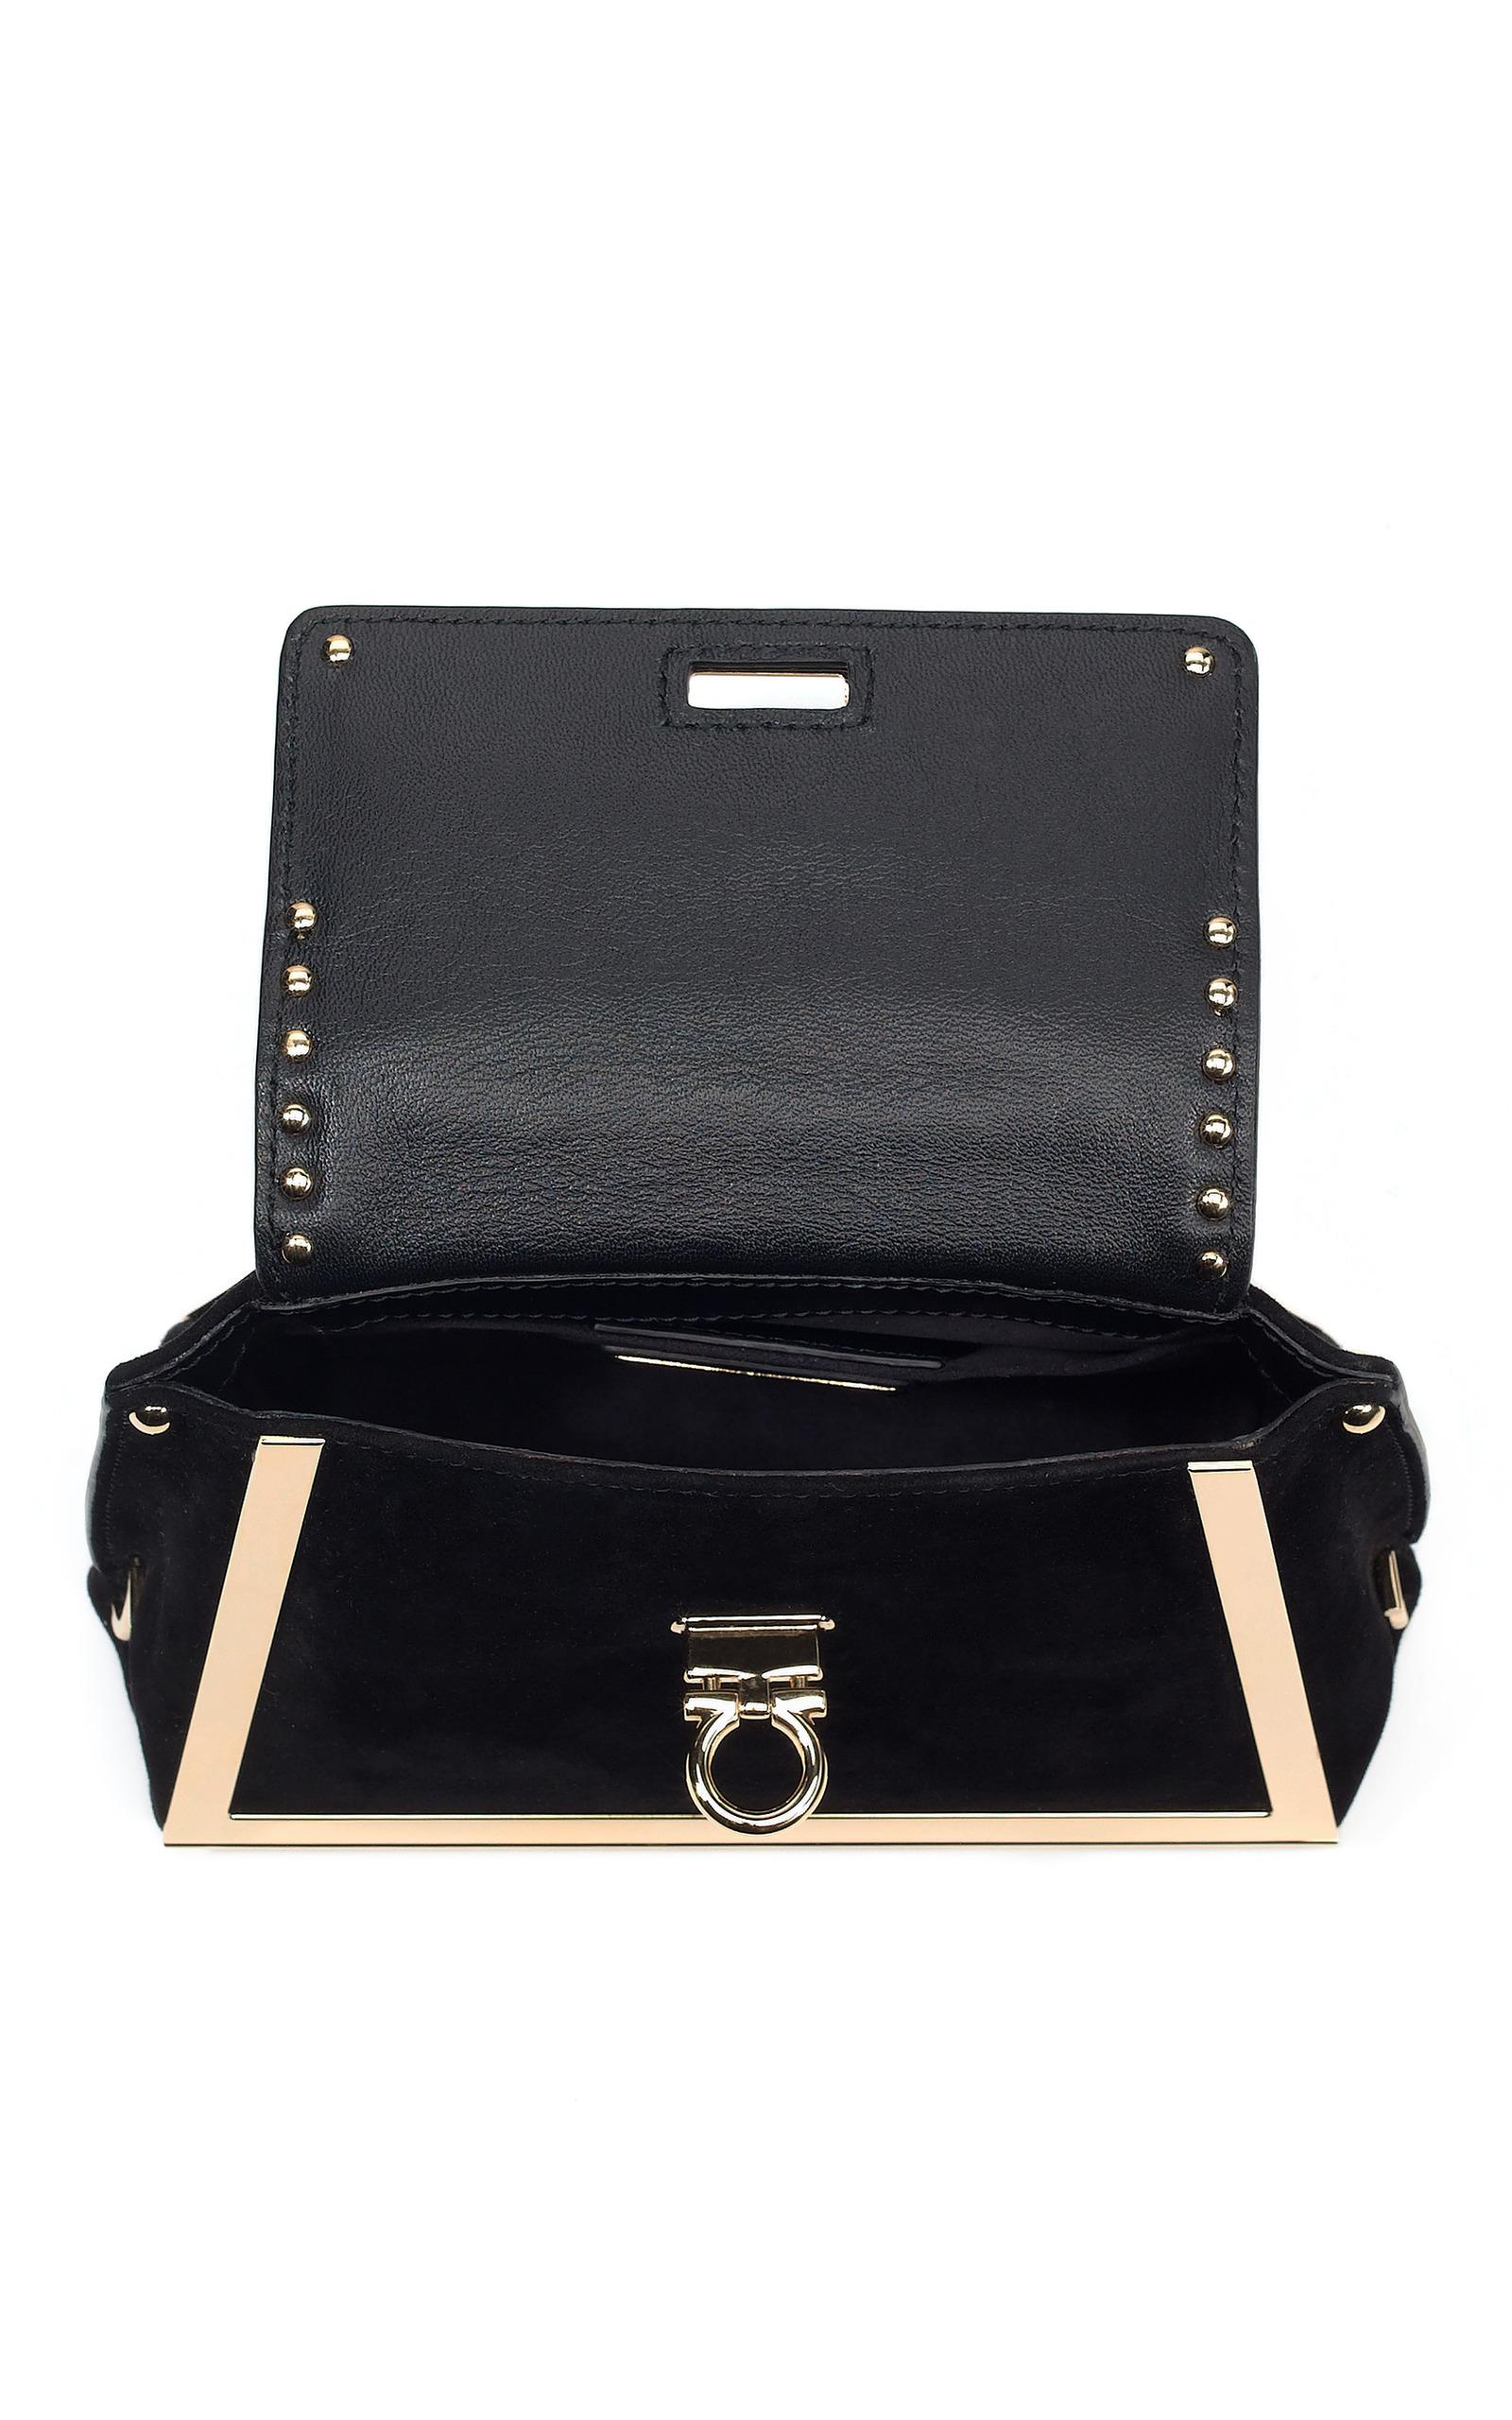 0897e09ae1 Salvatore FerragamoSofia Evening Bag. CLOSE. Loading. Loading